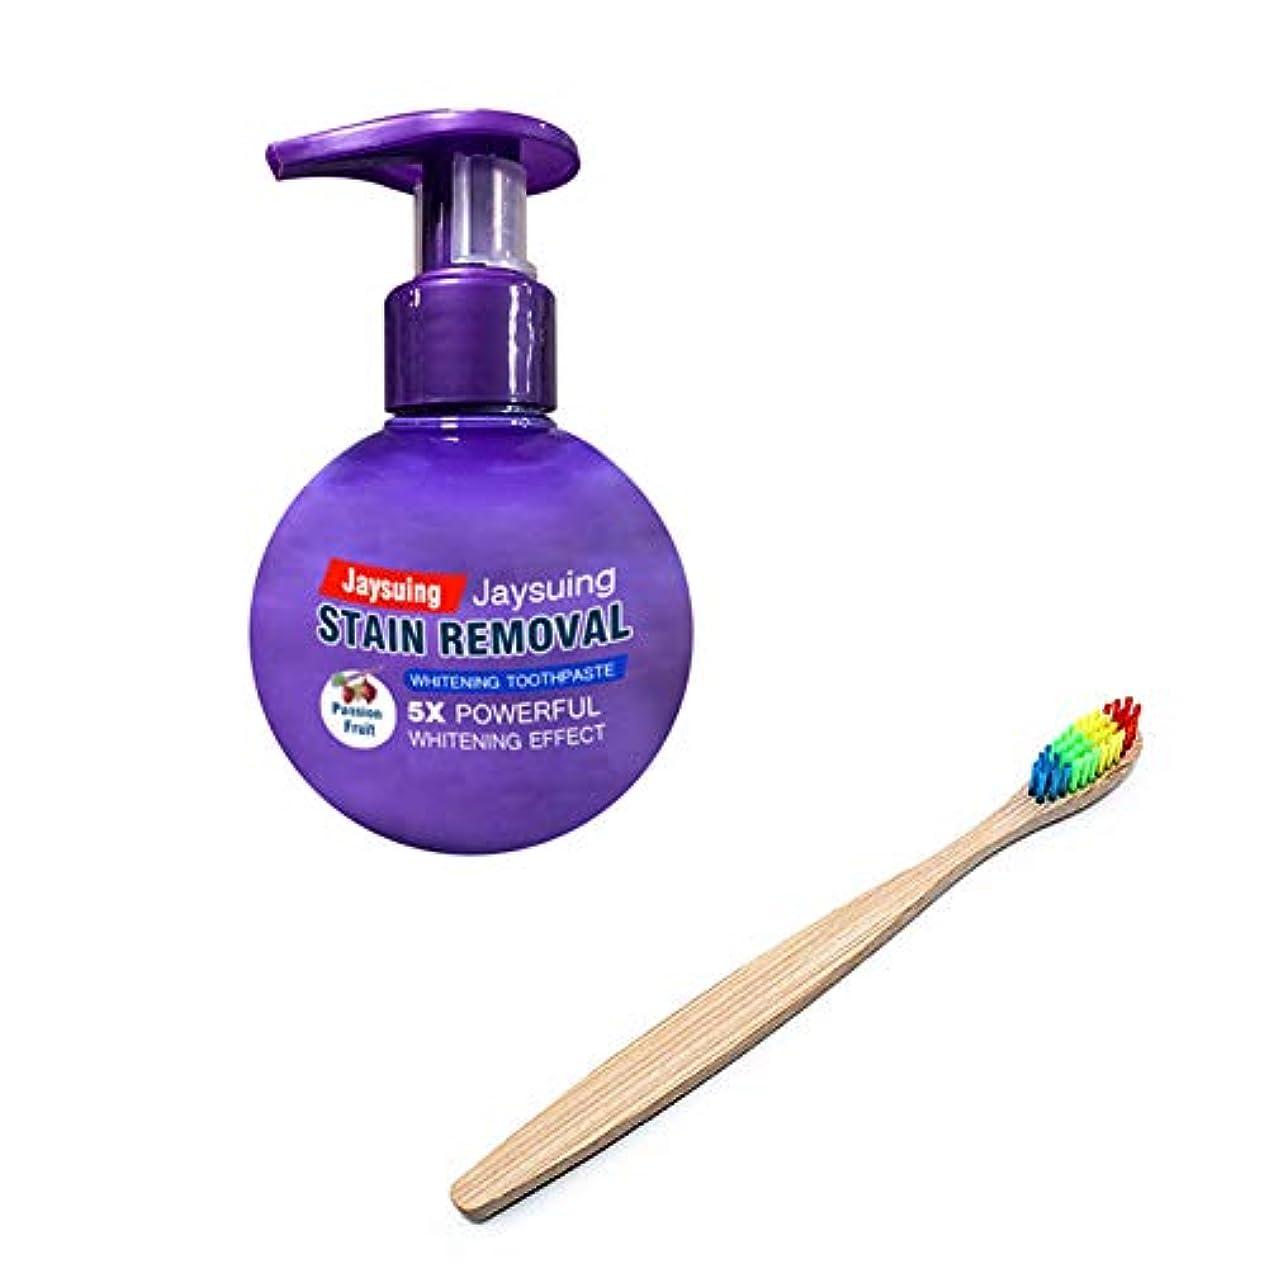 検索エンジンマーケティングダイアクリティカル障害者CoolTack 歯磨き粉歯磨き粉ホワイトニング歯磨き粉アンチブリーディングガム歯磨き用